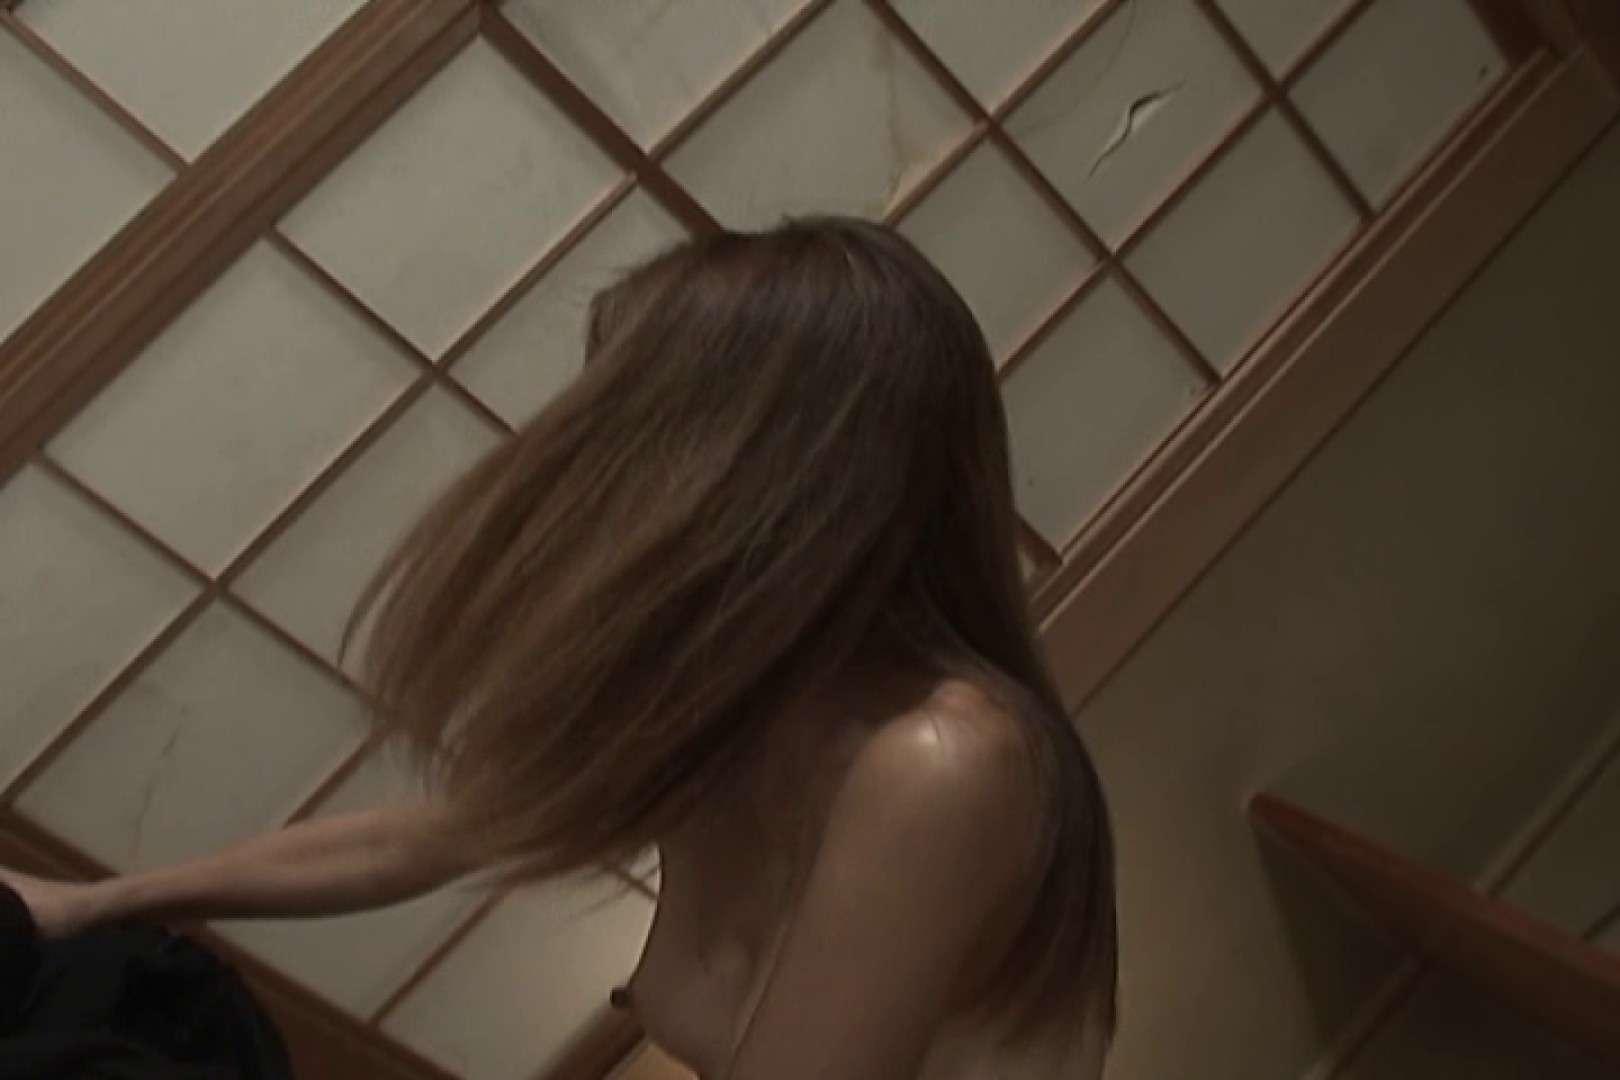 Aカップ奥様はまたがるのが大好き~森山ゆきこ~ オナニー覗き見 | 熟女のエッチ  88pic